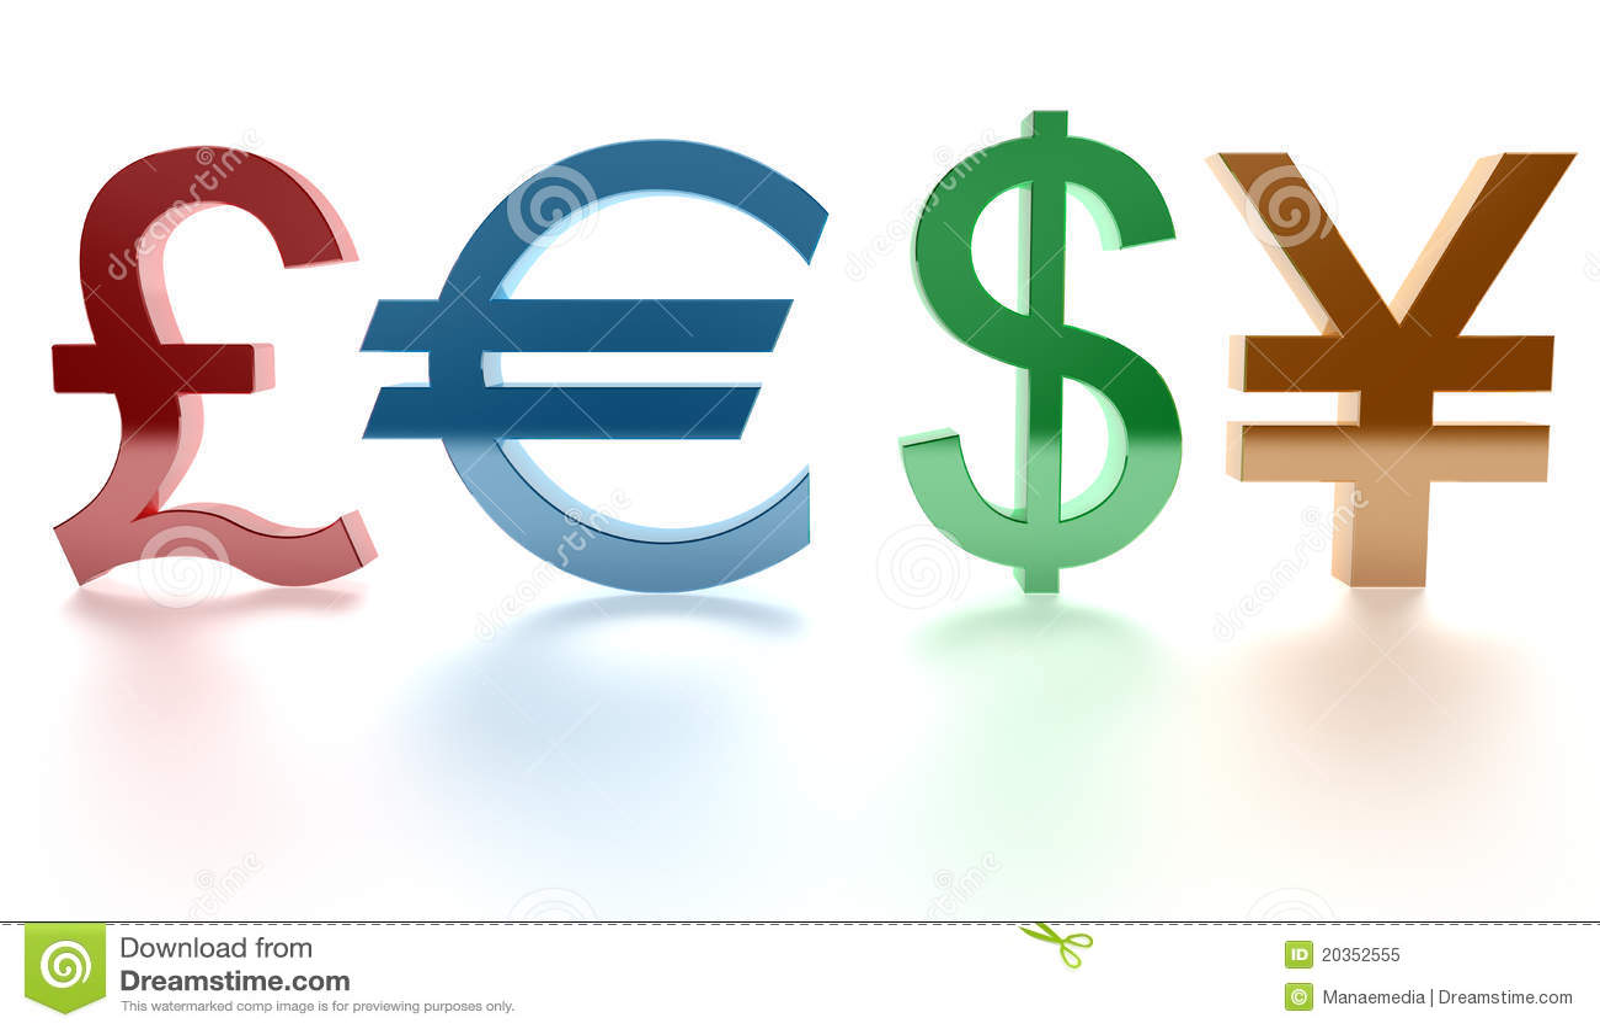 32 Euros To Dollars Yxt